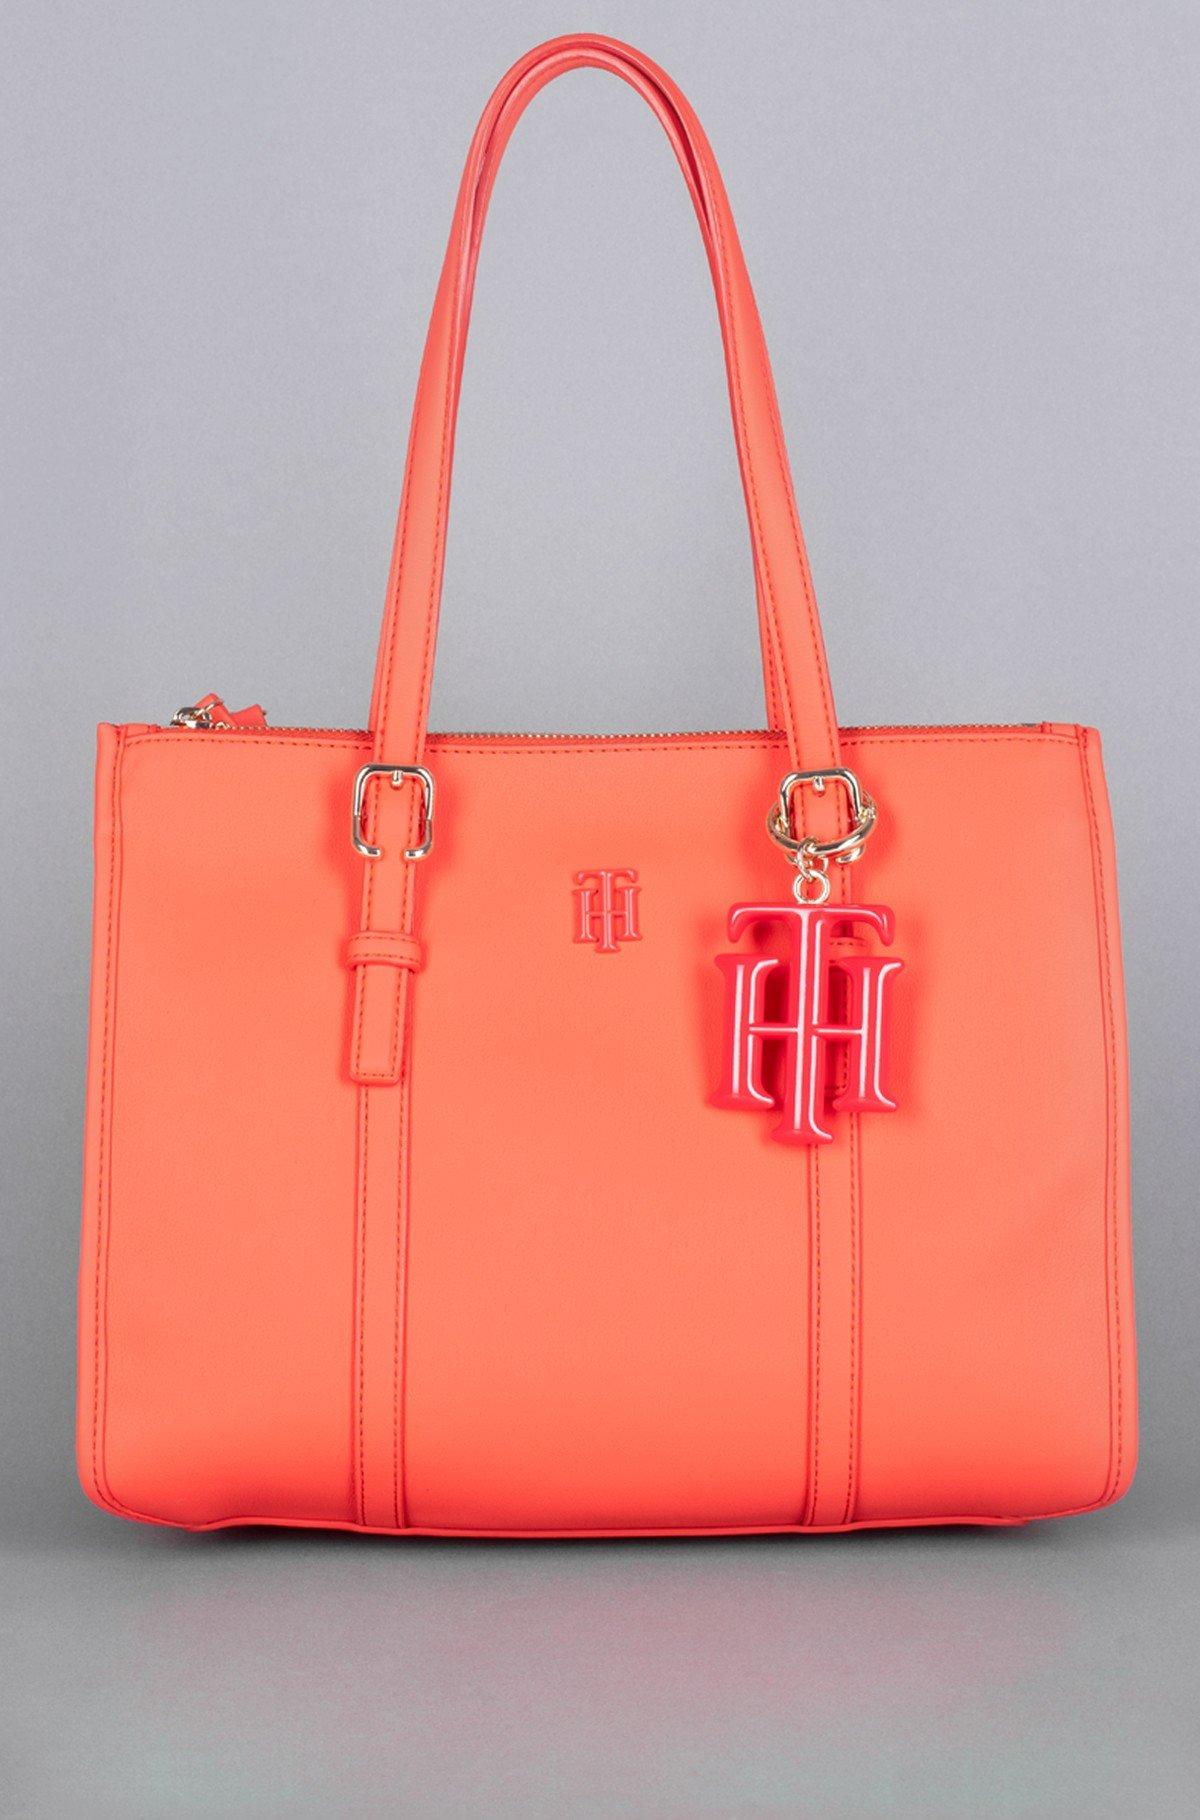 Handbag TH CHIC SMALL SATCHEL-full-1